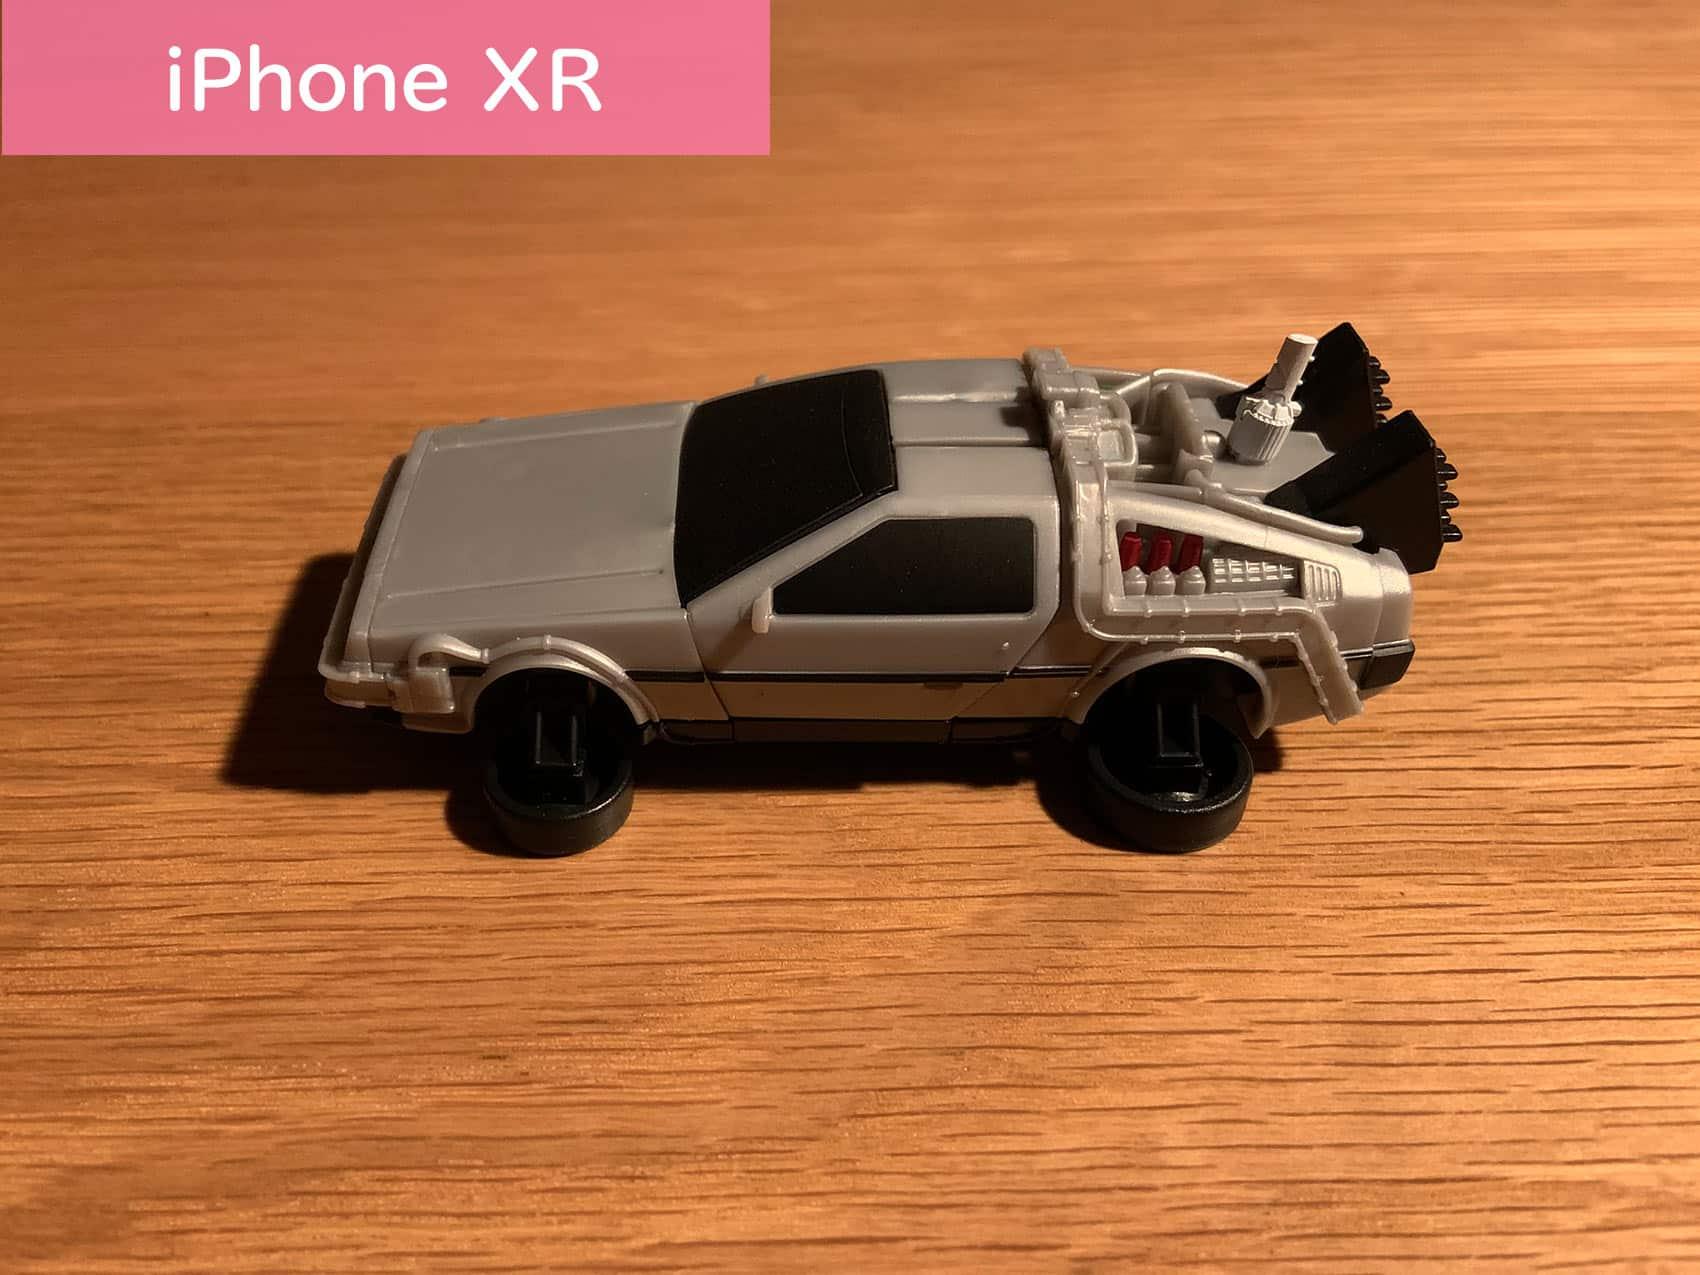 薄暗がりでiPhone XRでデロリアンを撮ってみた